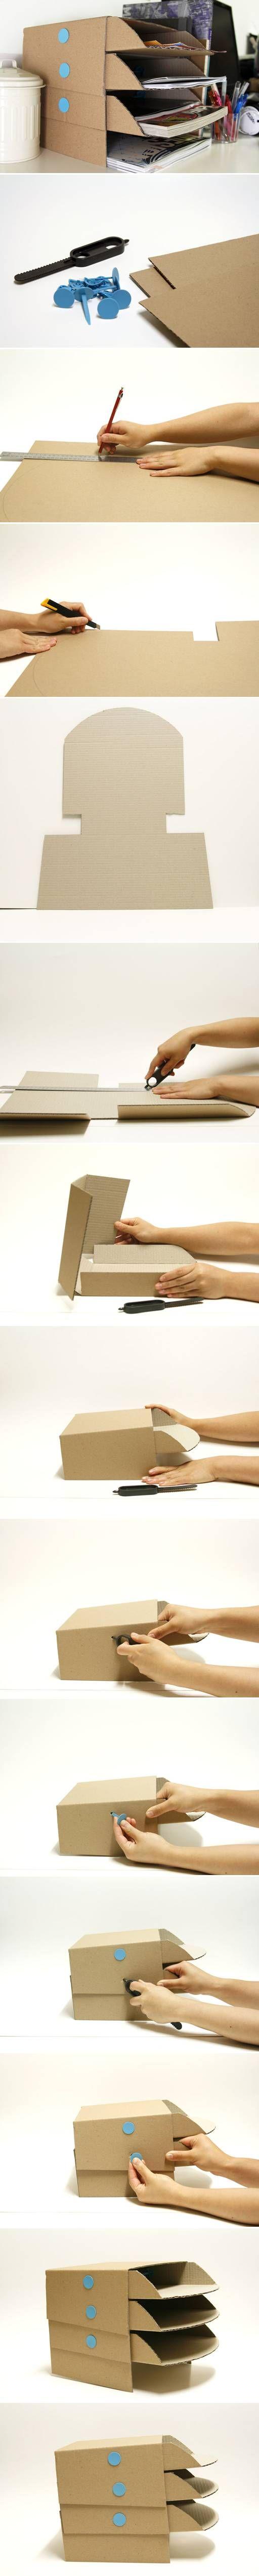 DIY Cardboard Desk Tray